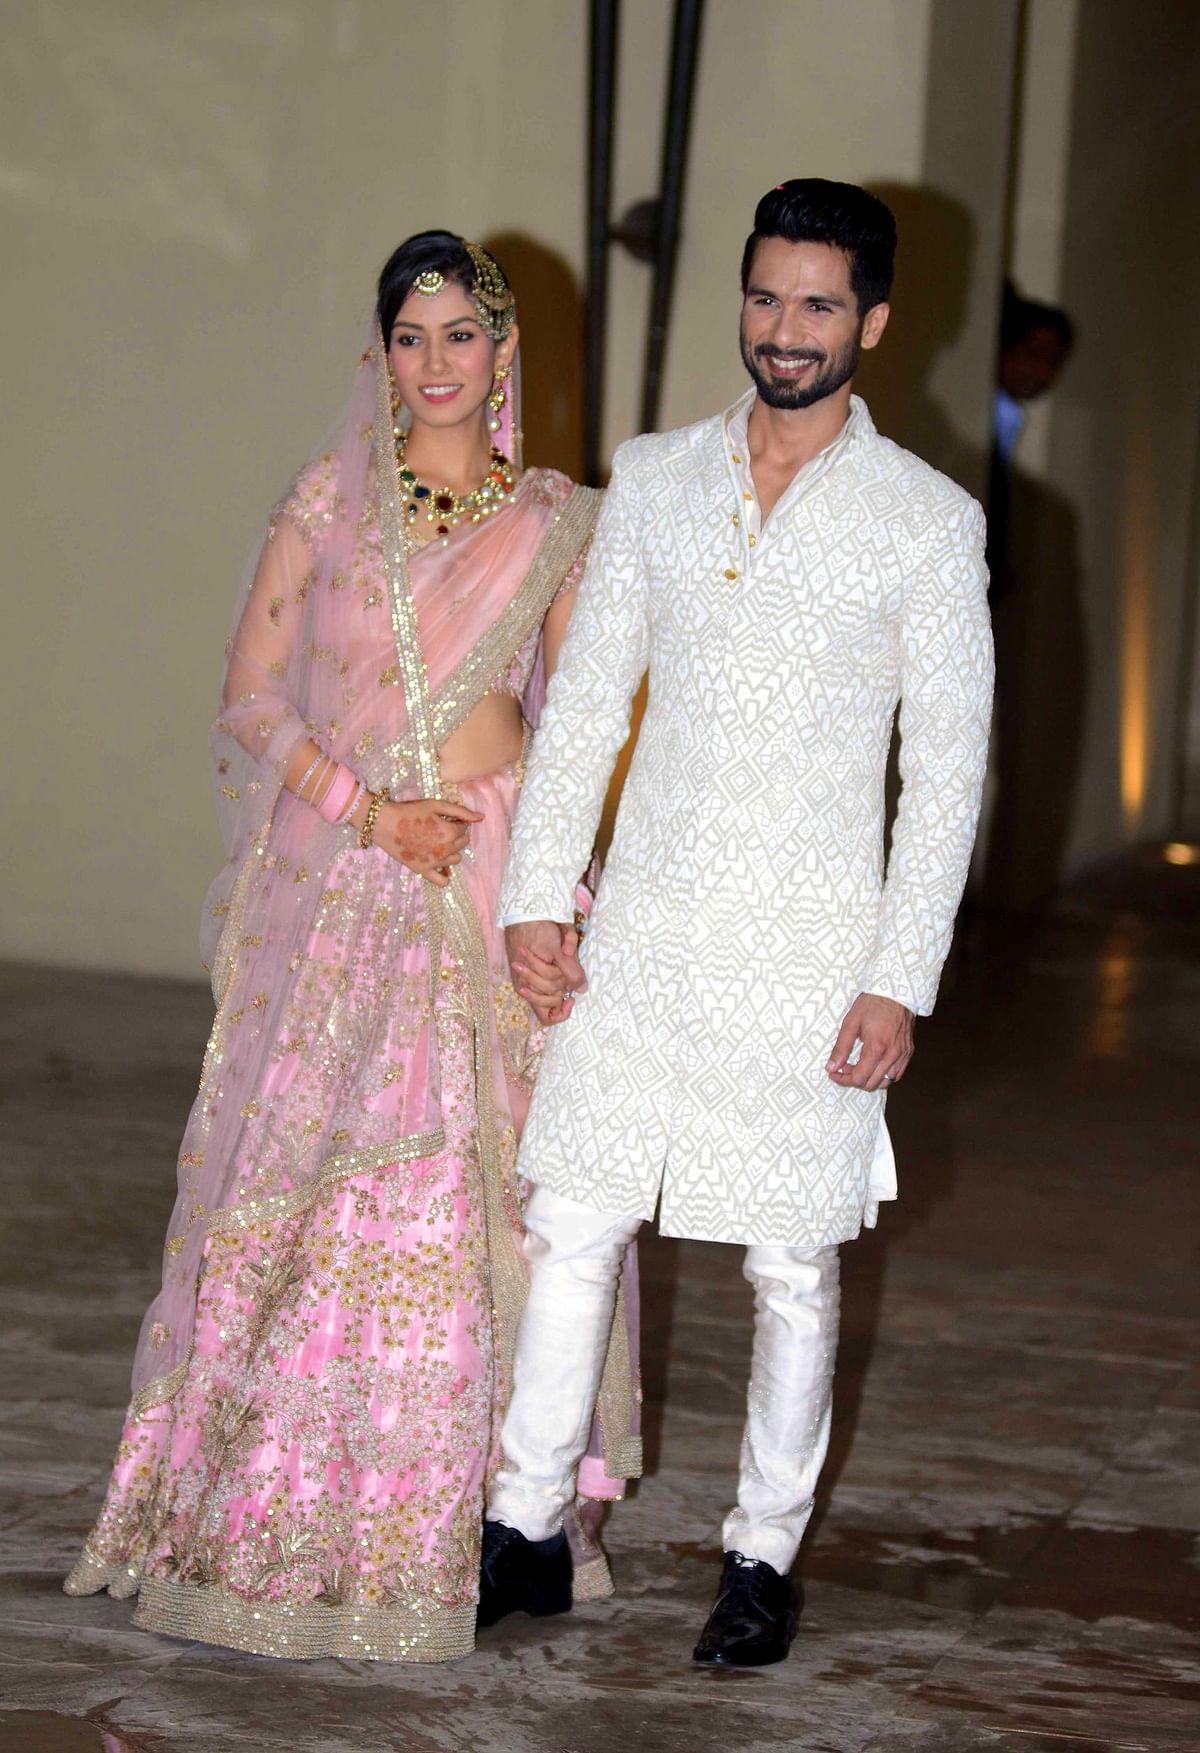 शाहिद कपूर और मीरा राजपूत शादी के बाद पहली बार इस खूबसूरत अंदाज में मीडिया के सामने आए थे. फिलहाल यह कपल दोनों बच्चों के साथ एक क्वालिटी स्पेंड कर रहा है.